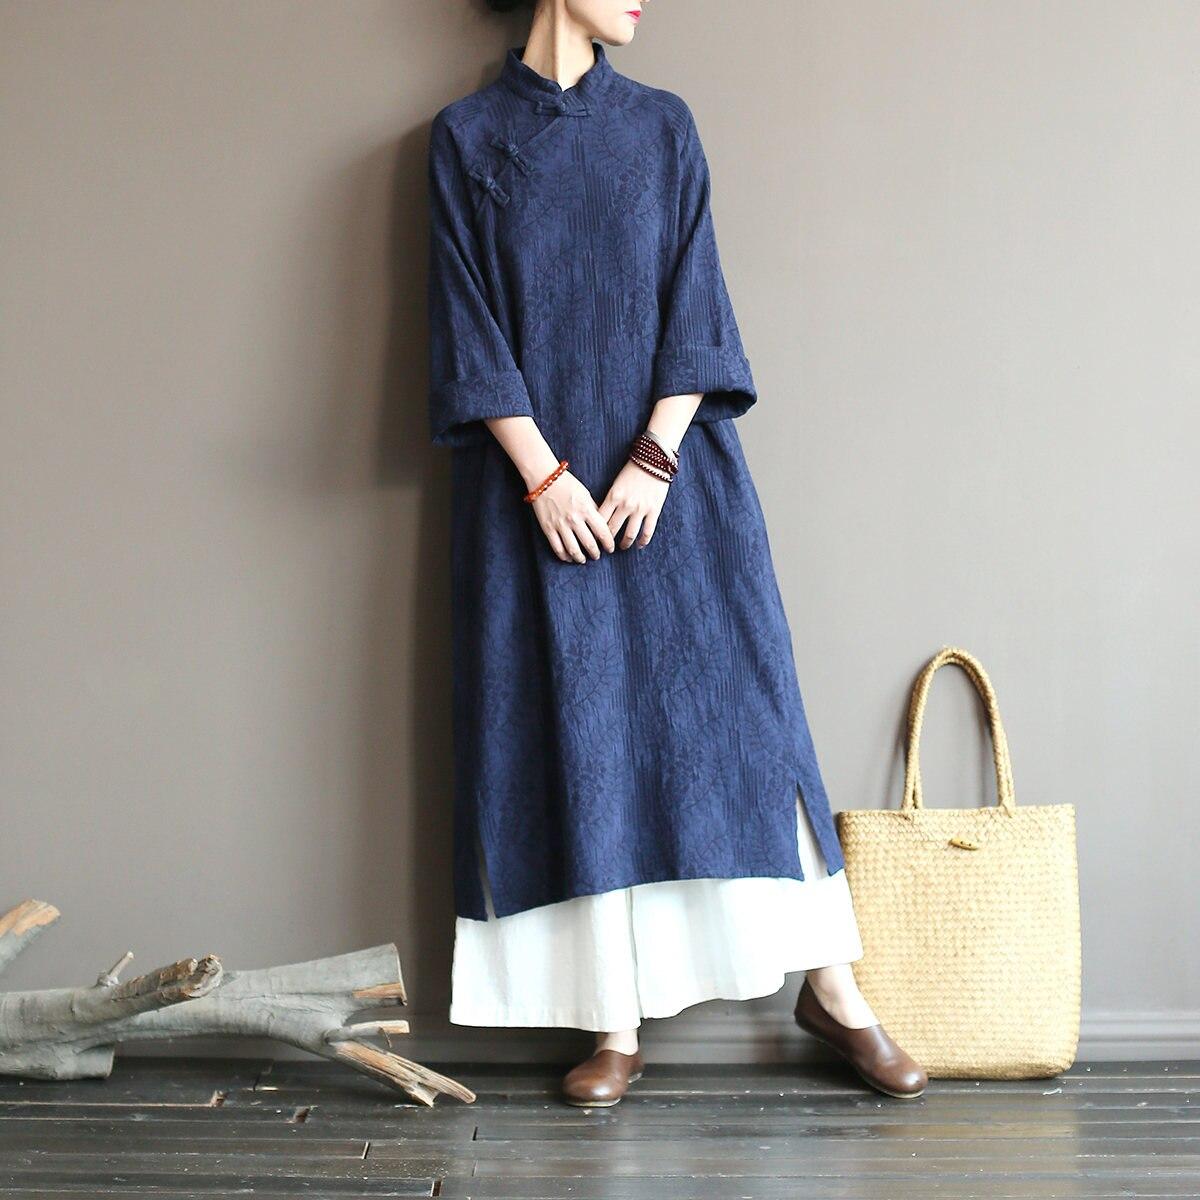 Johnature Neue 2021 Frühling Vintage Platte Schnalle Einfarbig Baumwolle Leinen Robe Kleider Volle Hülse Stehkragen Frauen Kleider